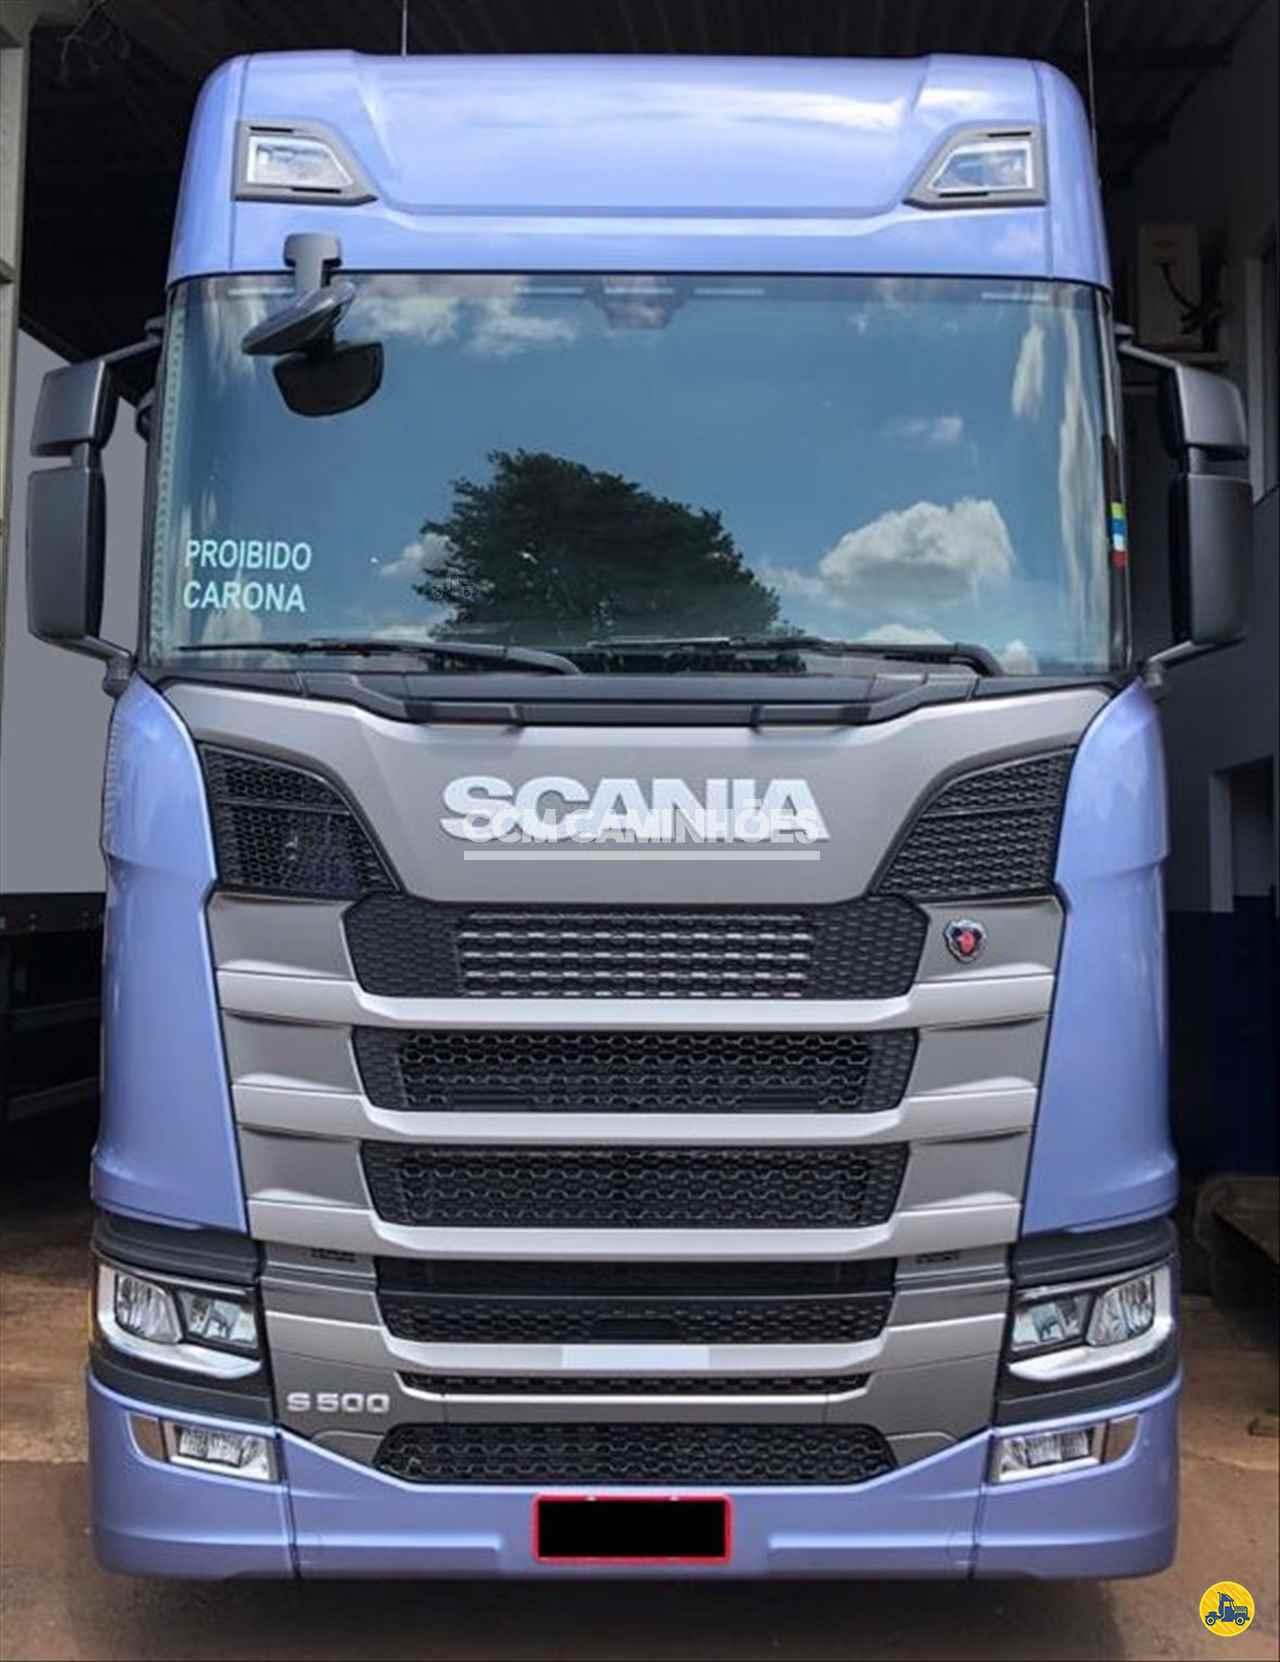 CAMINHAO SCANIA SCANIA 500 Cavalo Mecânico Truck 6x2 CCM Caminhões GOIANIA GOIAS GO